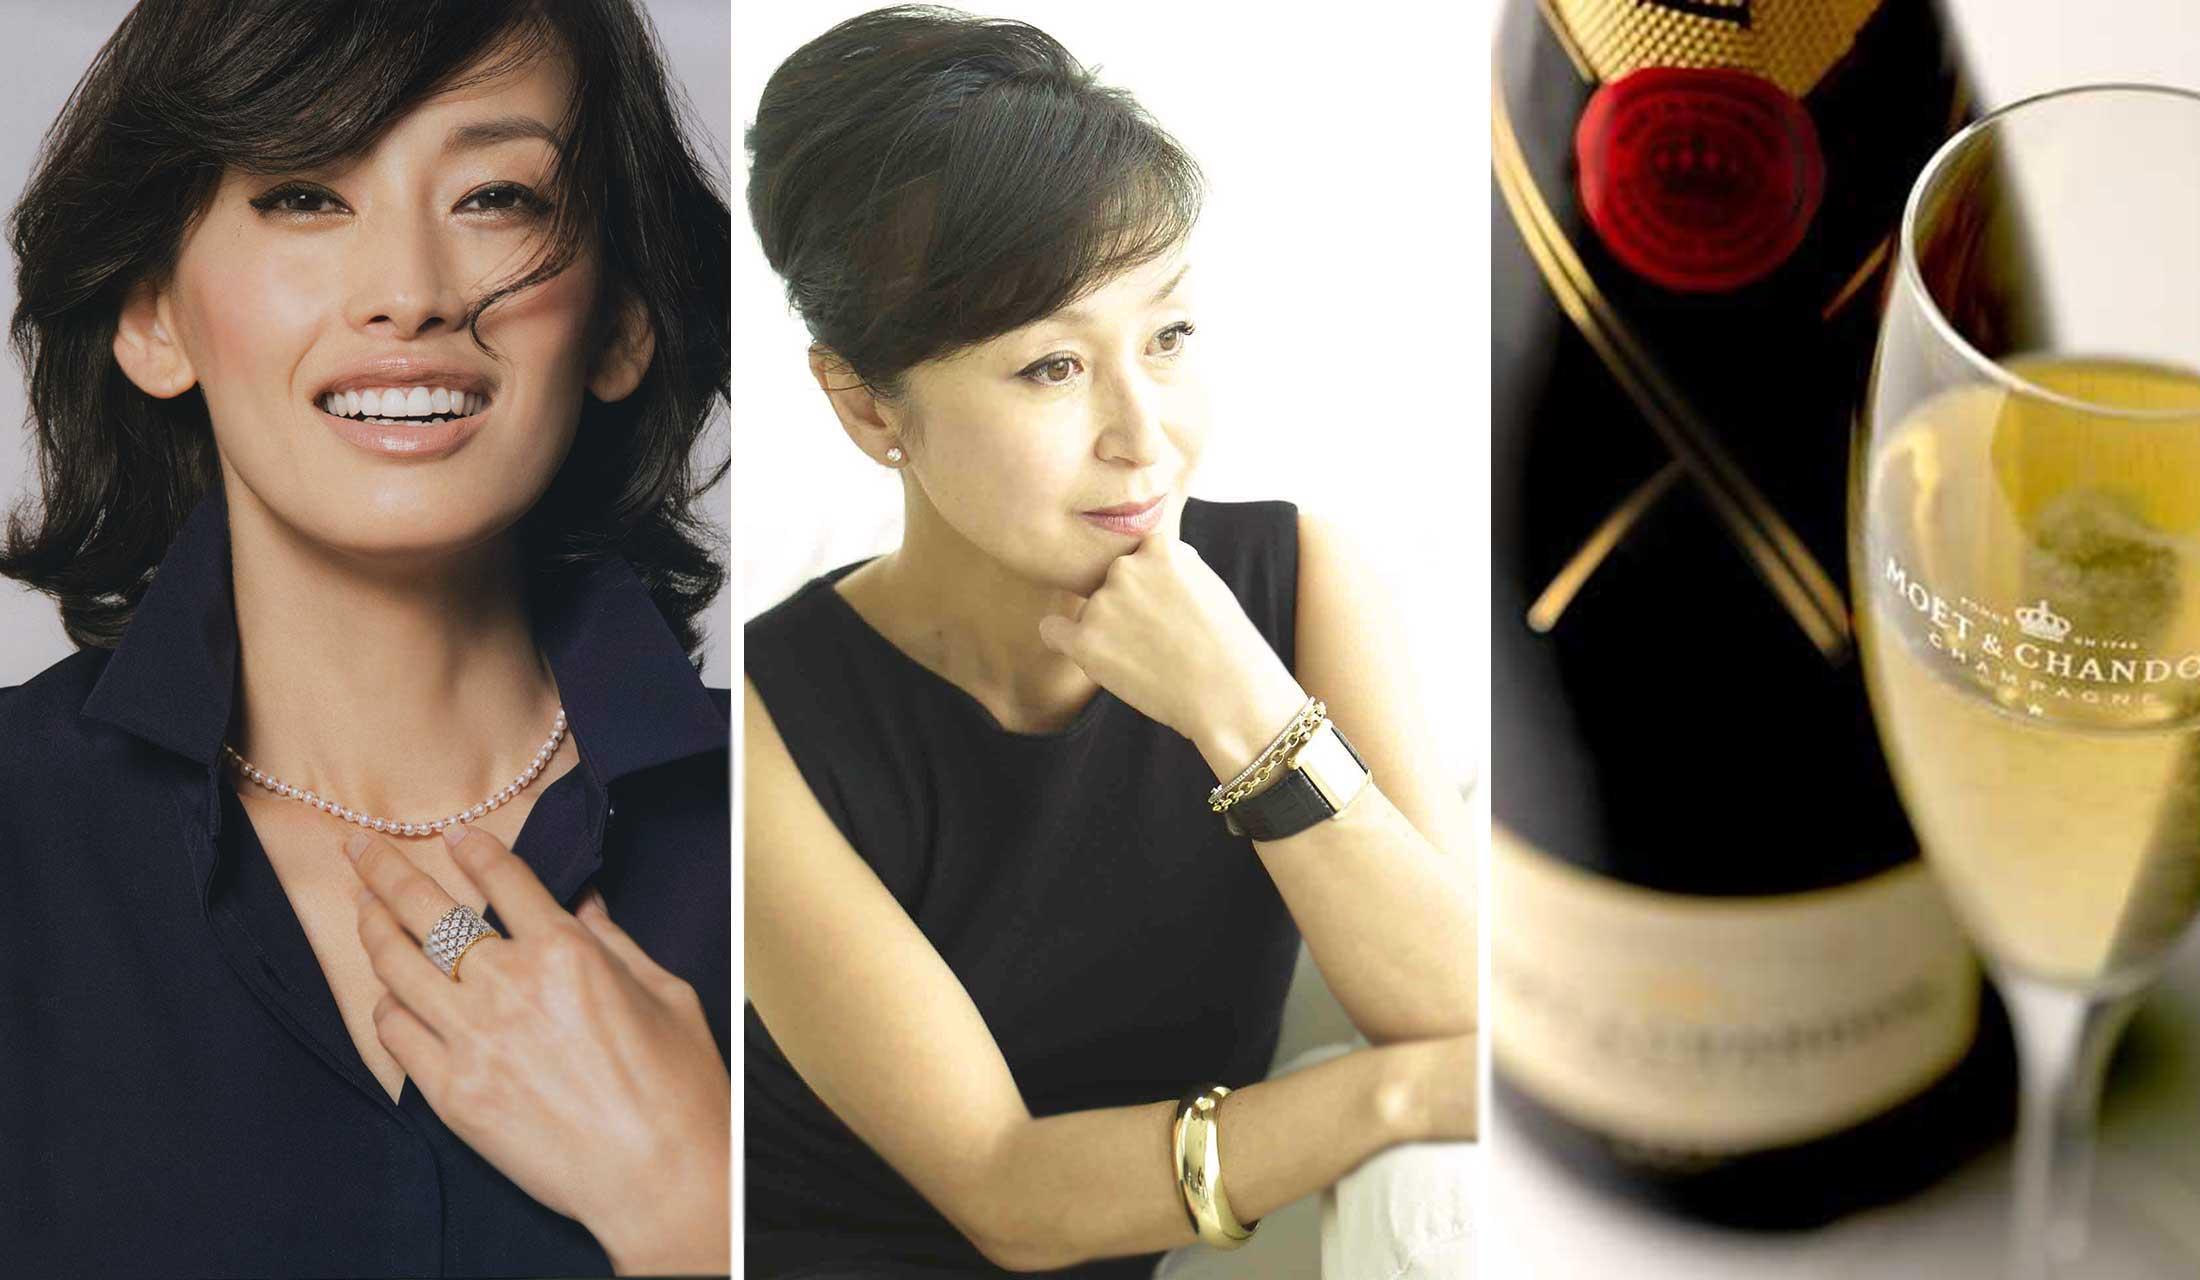 左より高橋里奈さん、戸野塚かおるさん、シャンパン